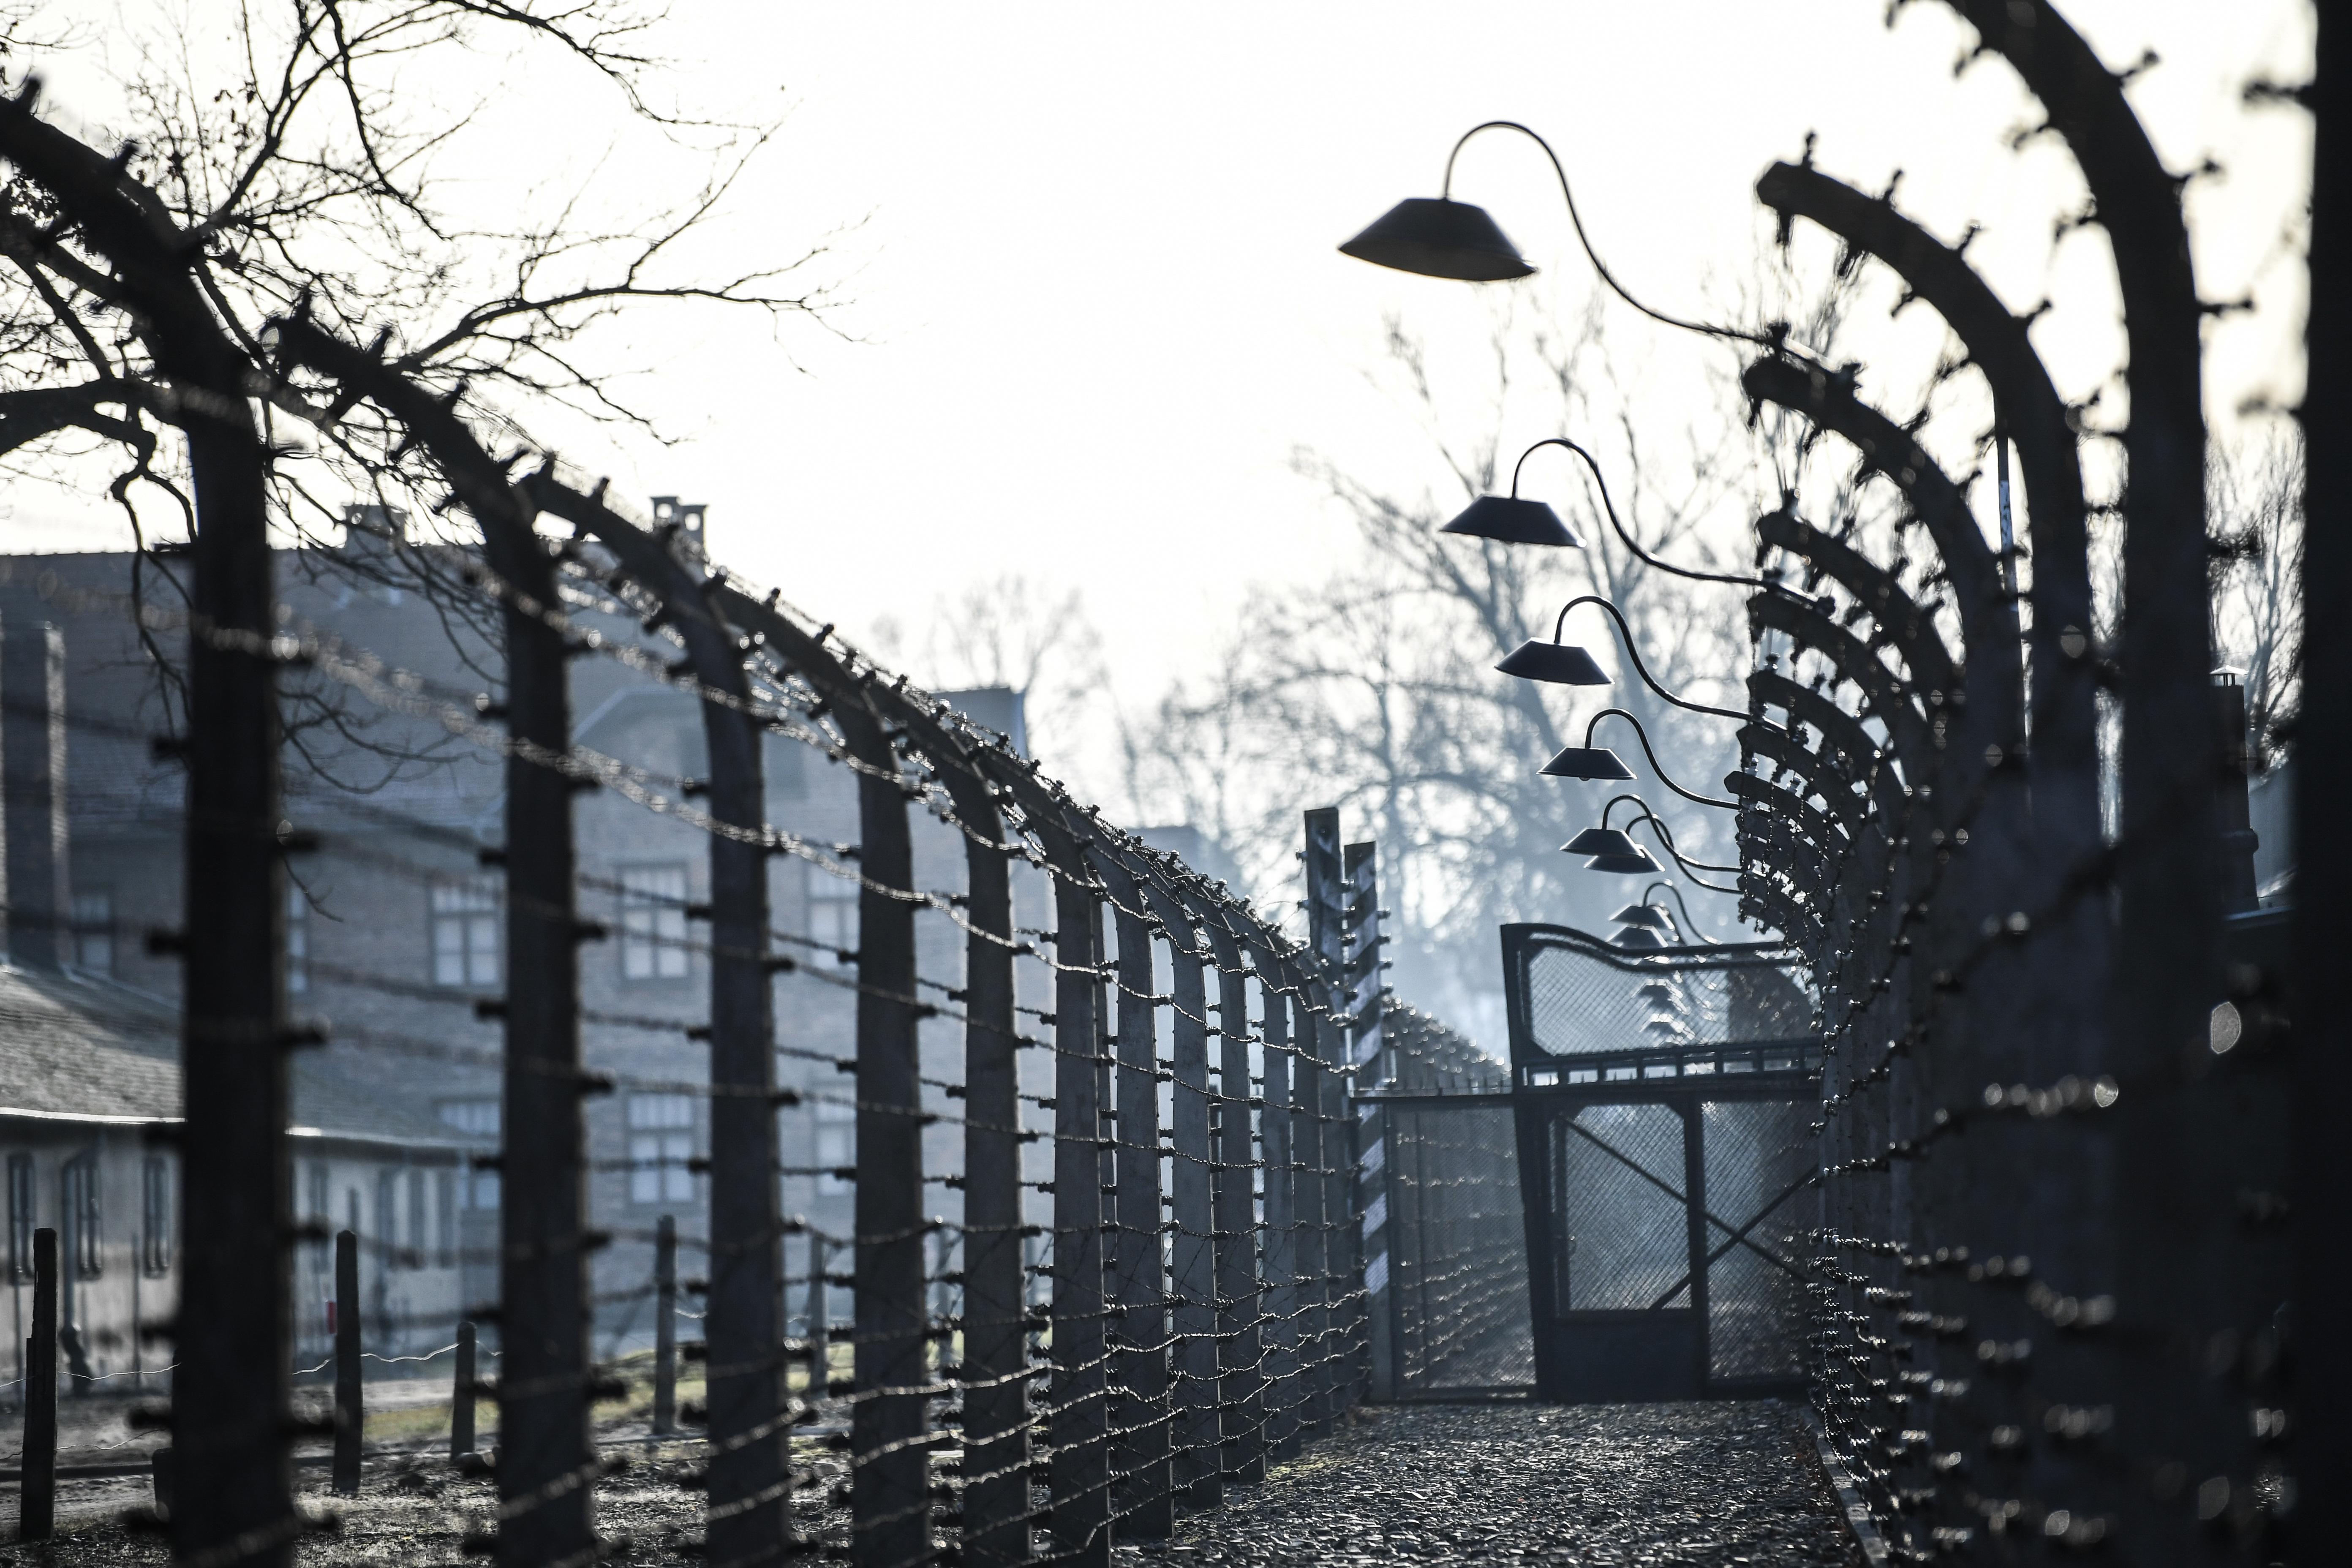 Bocsánatot kell kérnie két lengyel holokausztkutatónak, mert azt állították valakiről, hogy üldözte a zsidókat, pedig segítette őket